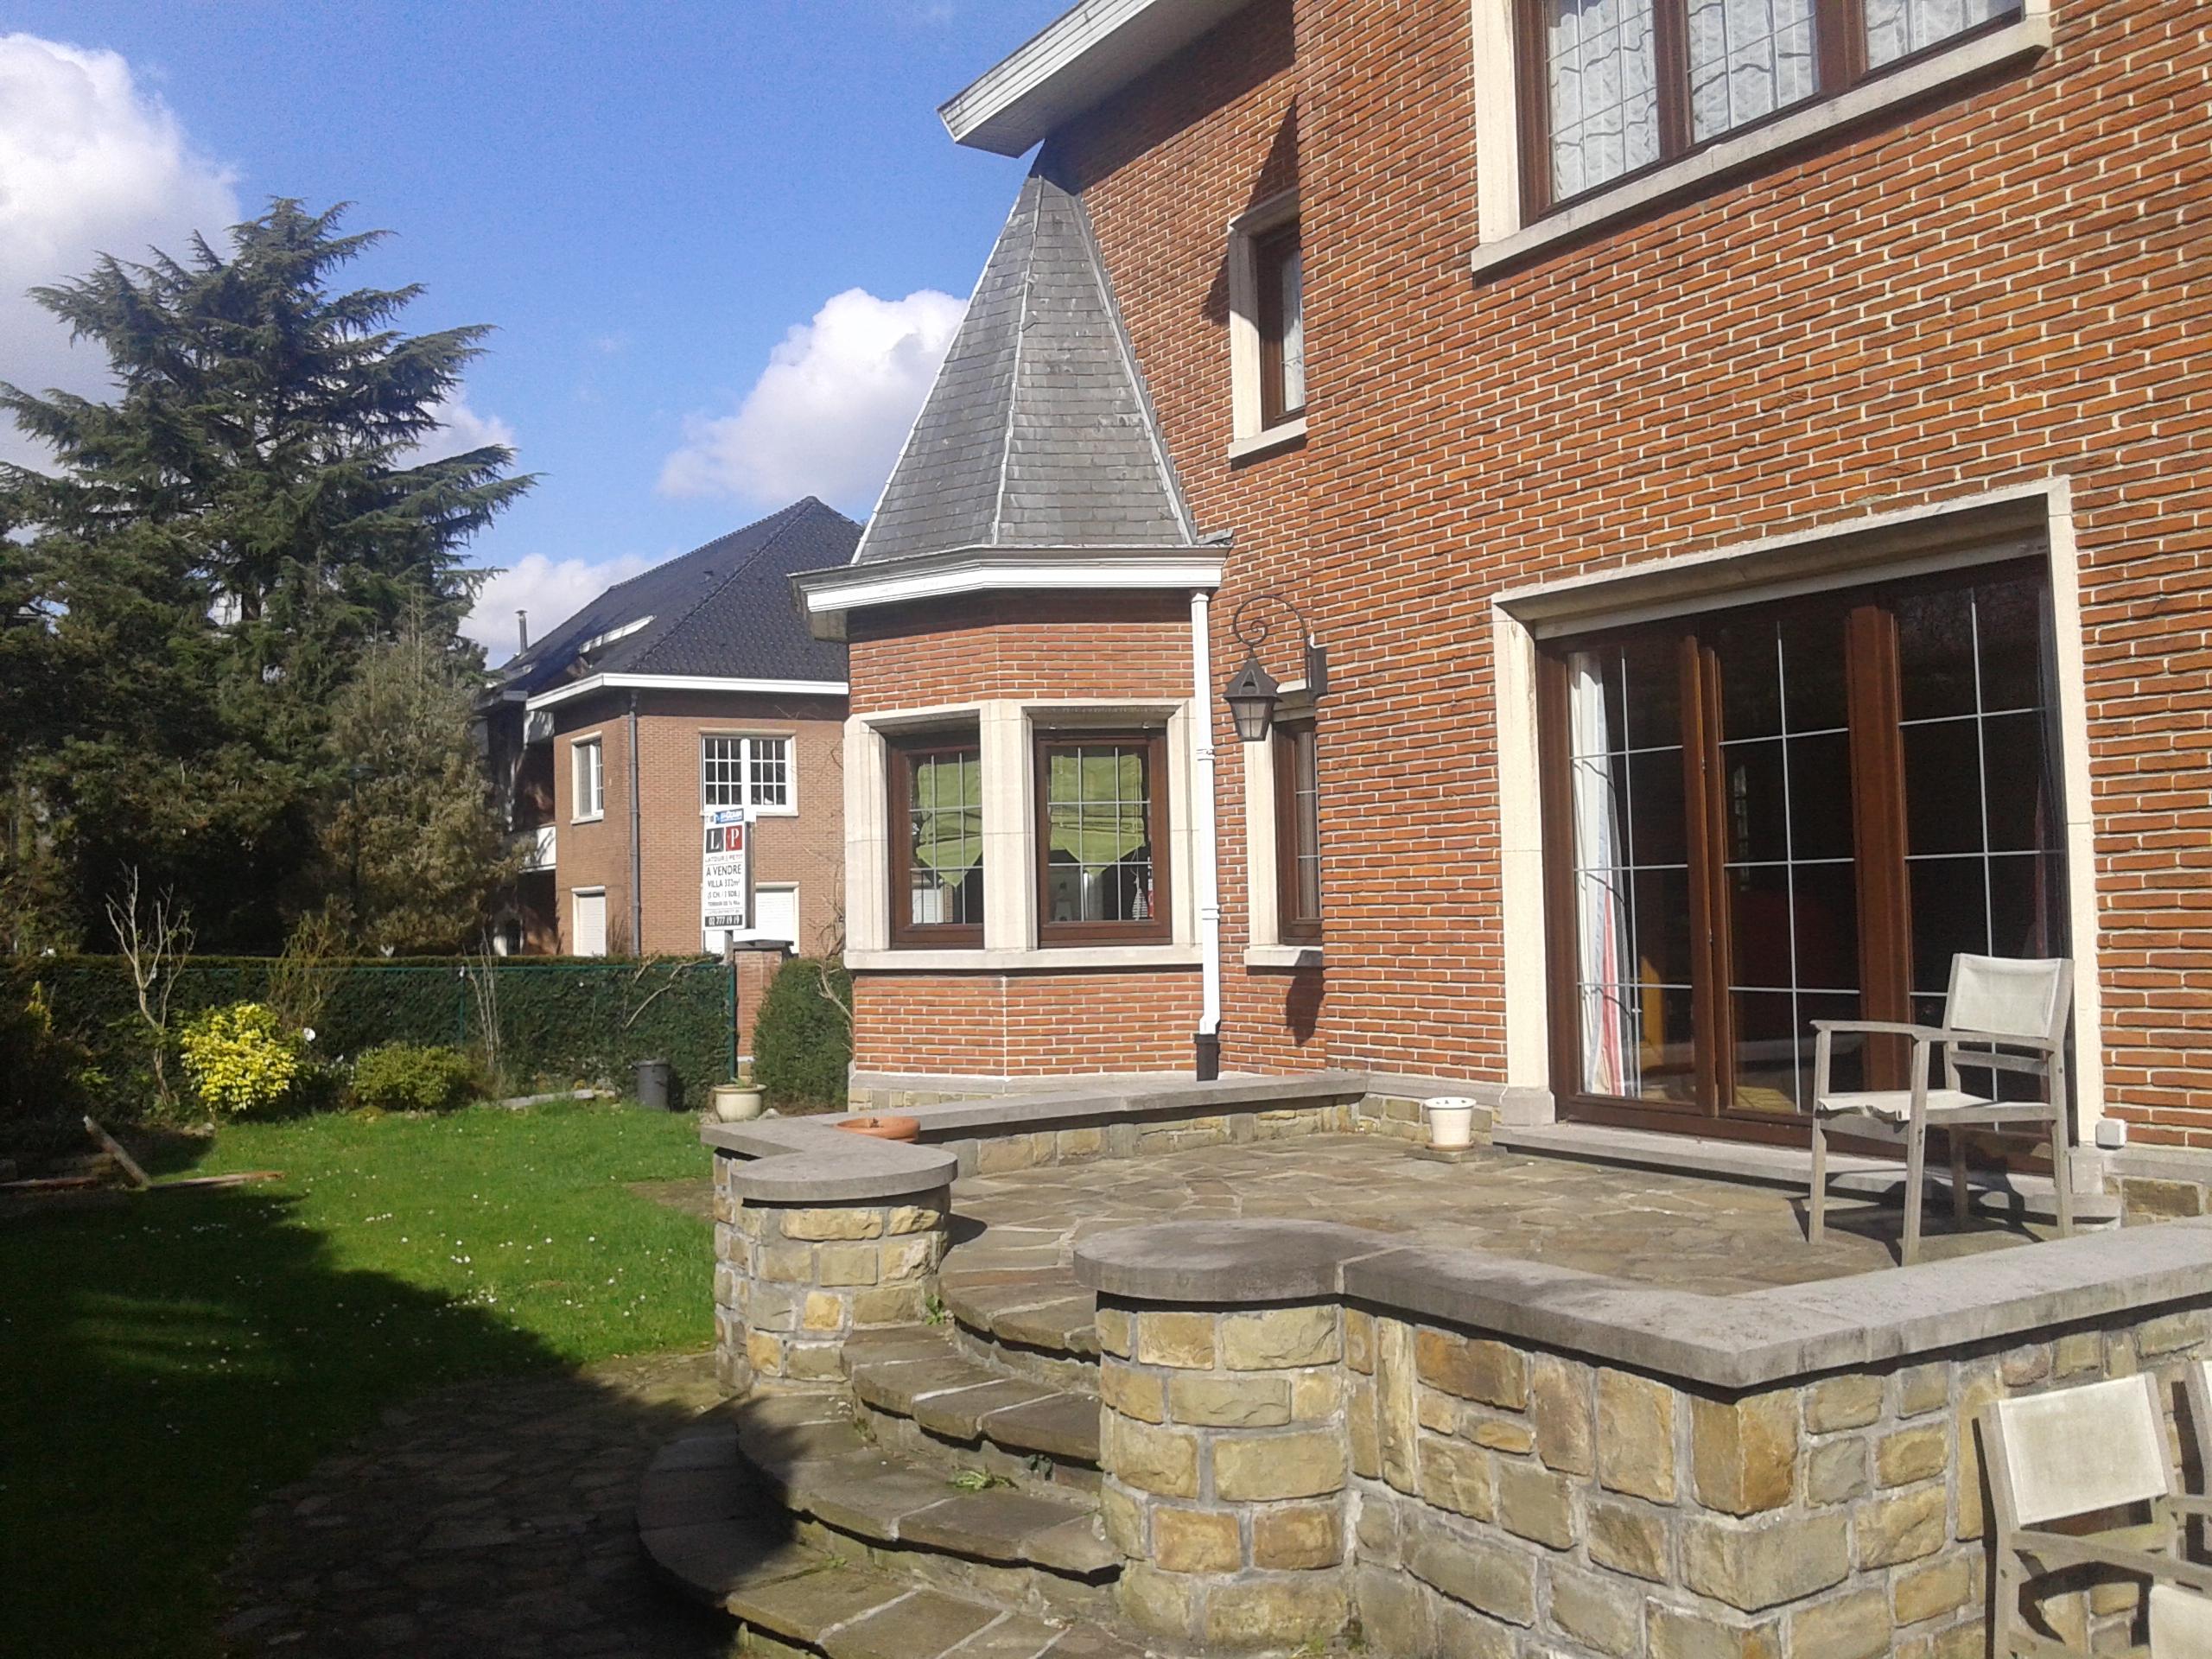 Villa lumineuse vendre bruxelles 1160 immo particulier - Couleurs du sud immobilier ...